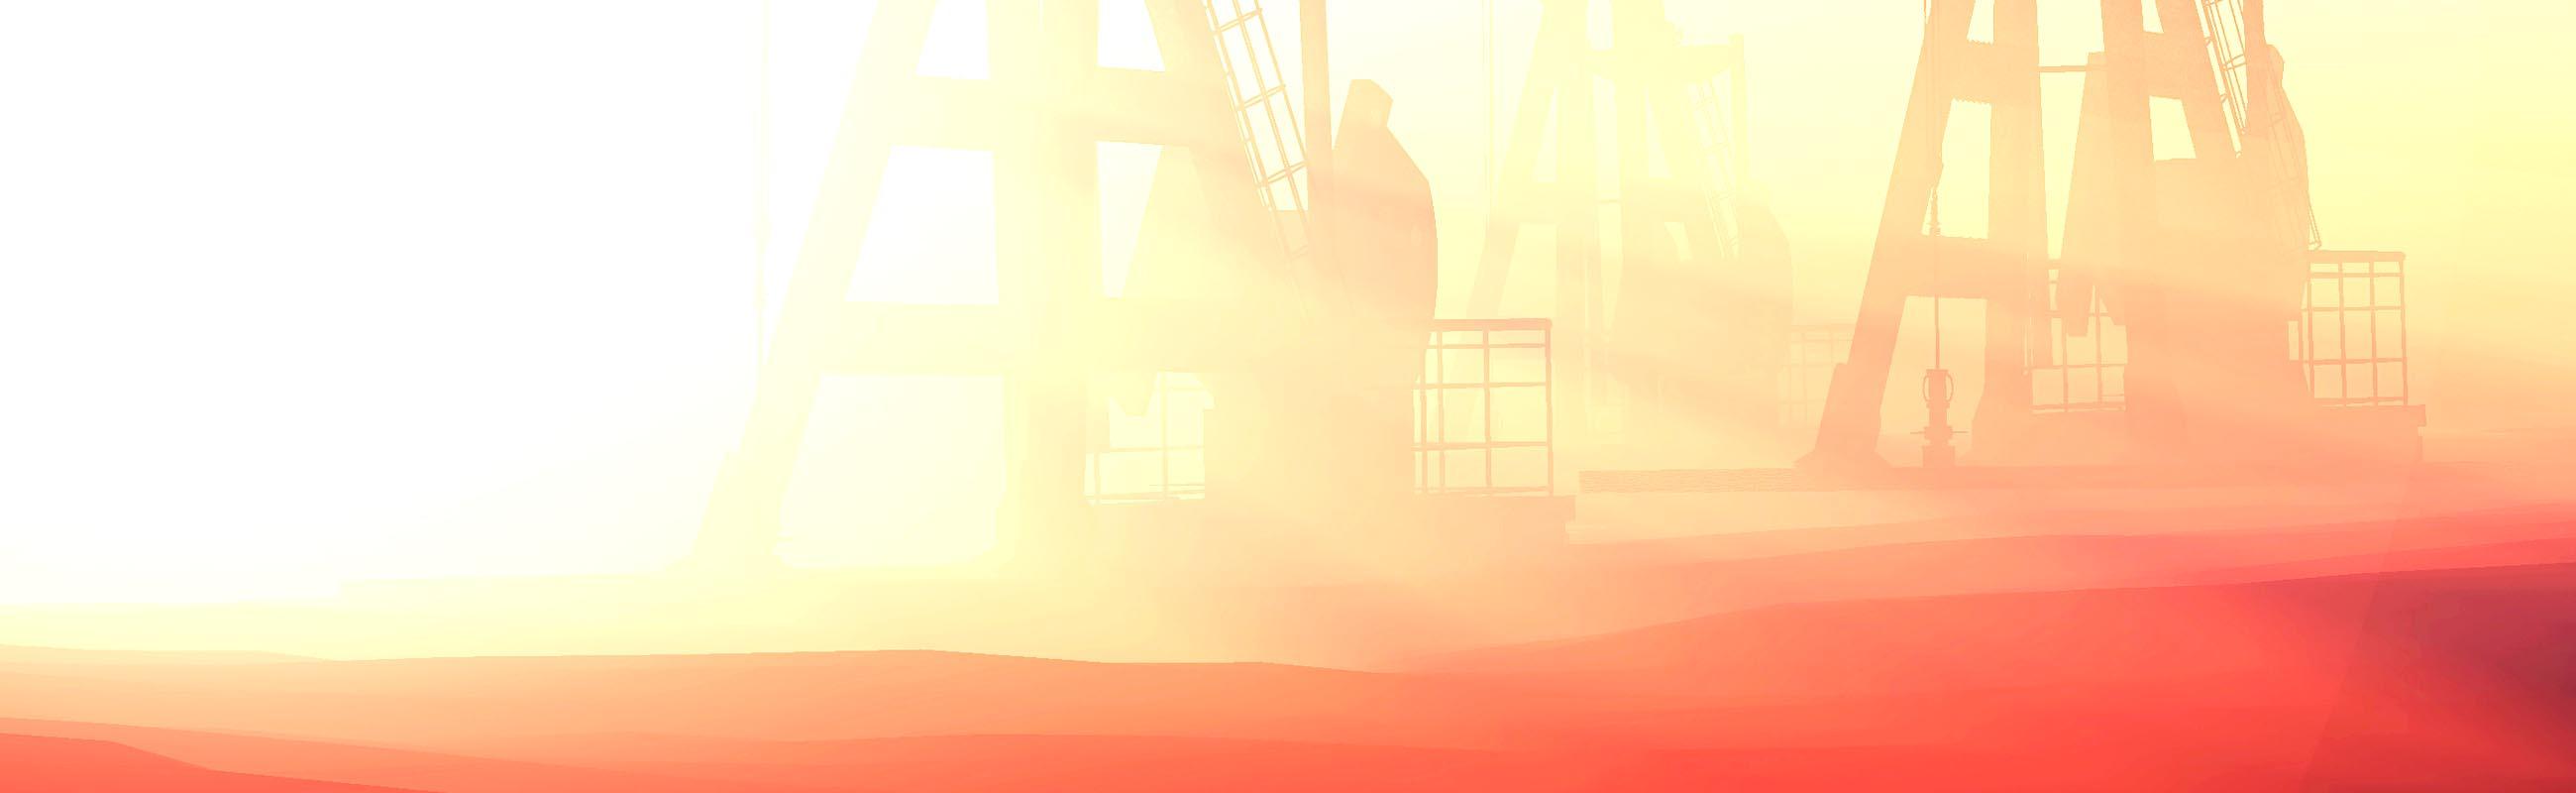 mining_solar_industrial